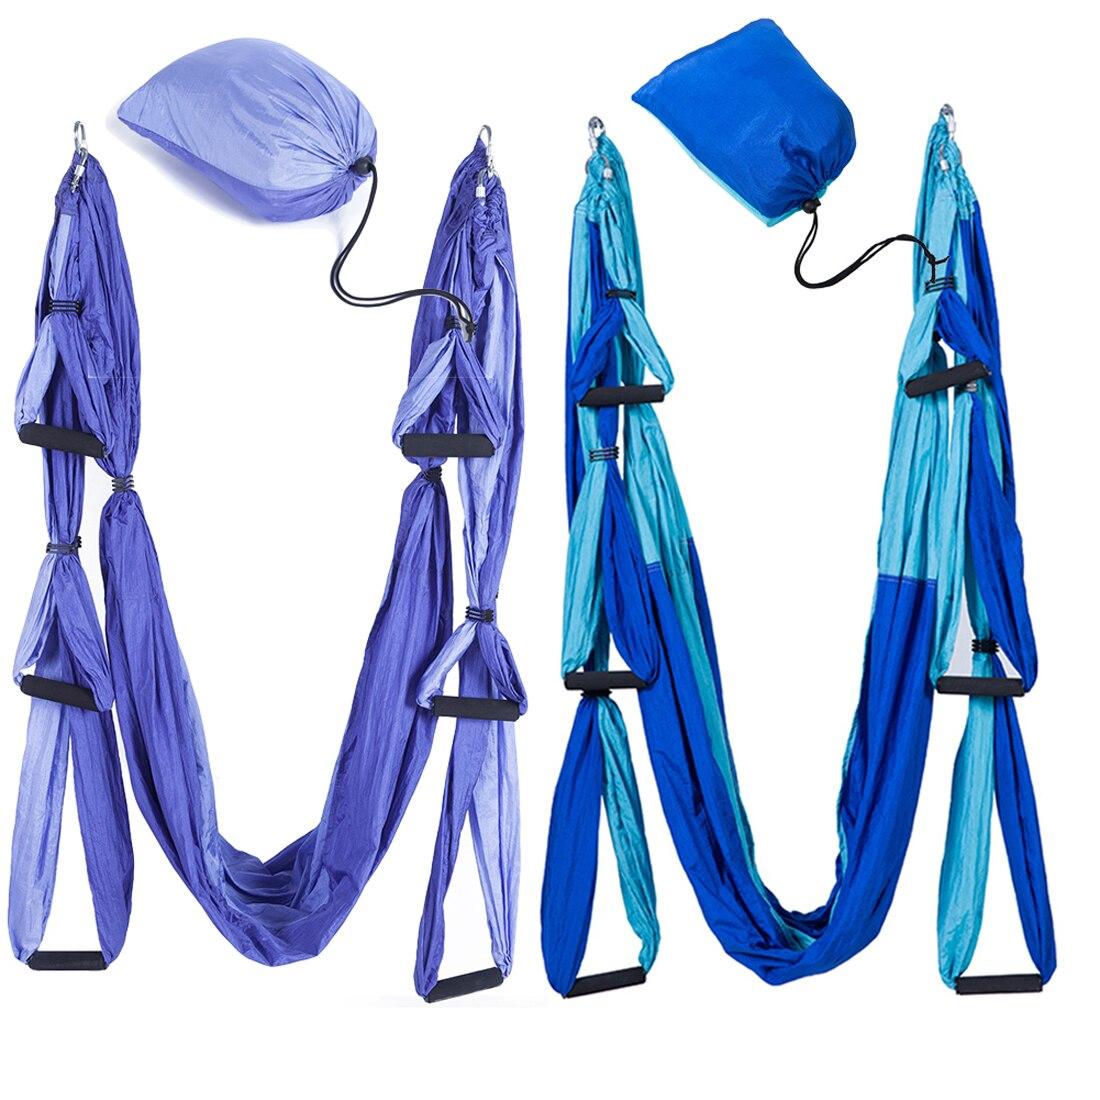 Remise en forme De Yoga Hamac Swing De Yoga Anti-gravité Aérienne Bretelles Haute Résistance Tissu De Décompression Avec 6 Grip Main Entrepôt